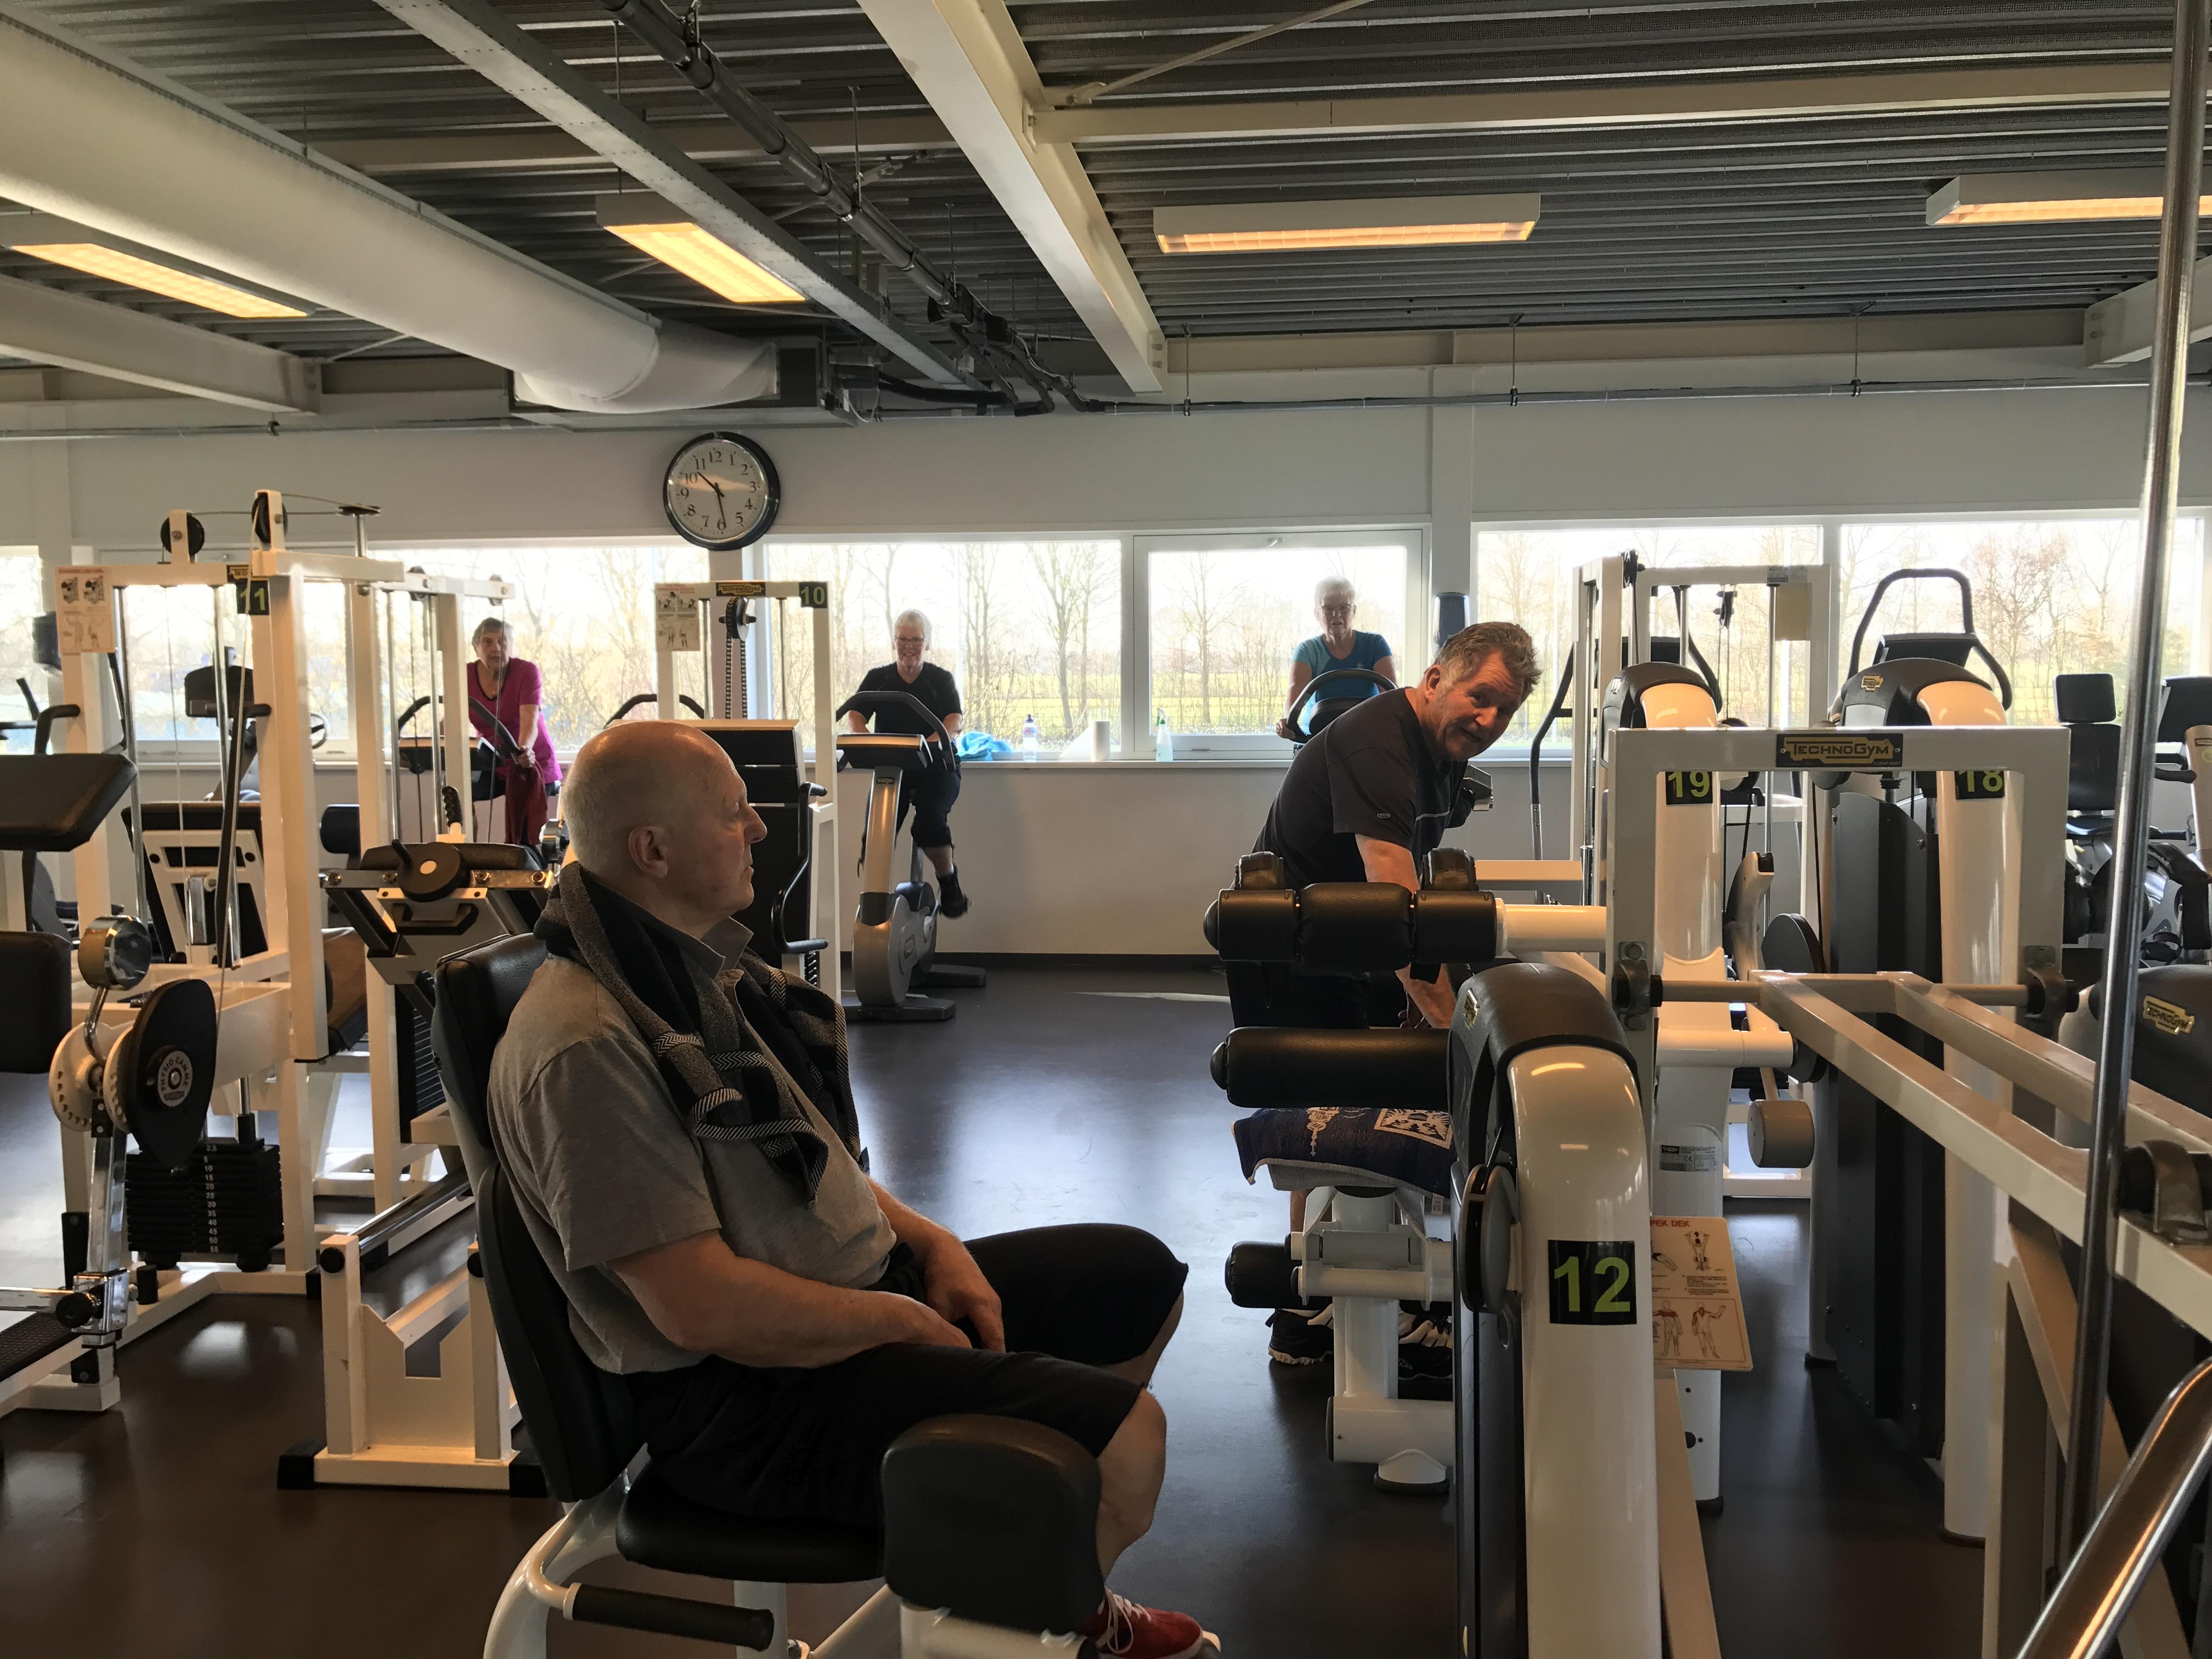 Fitness senioren